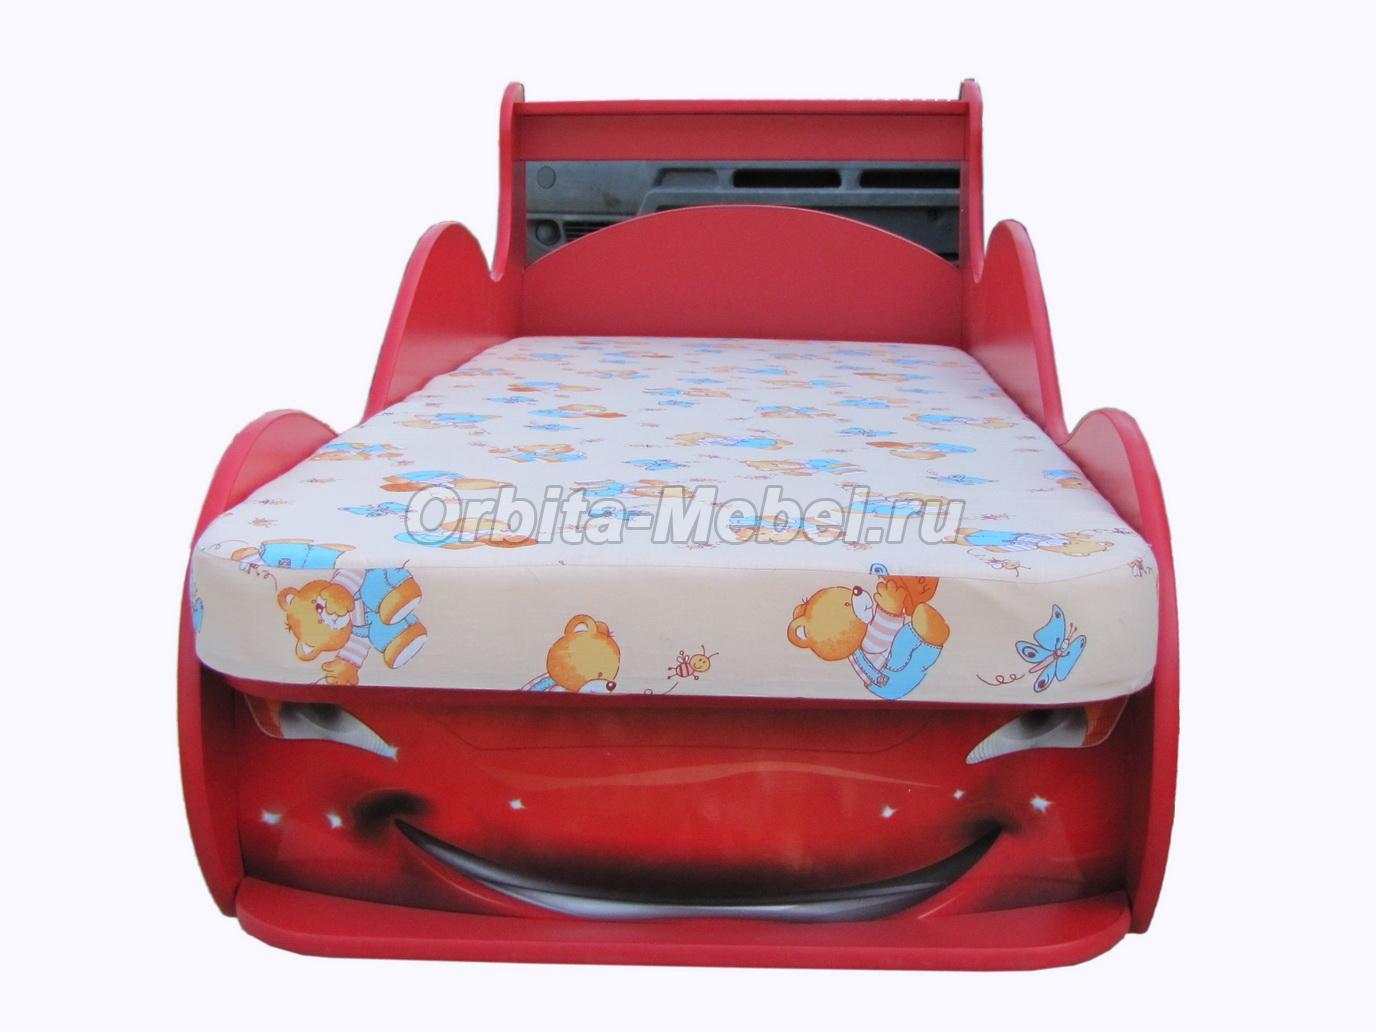 Кровать Машина Молния  Маквин - Каталог мебели Белгород 37.